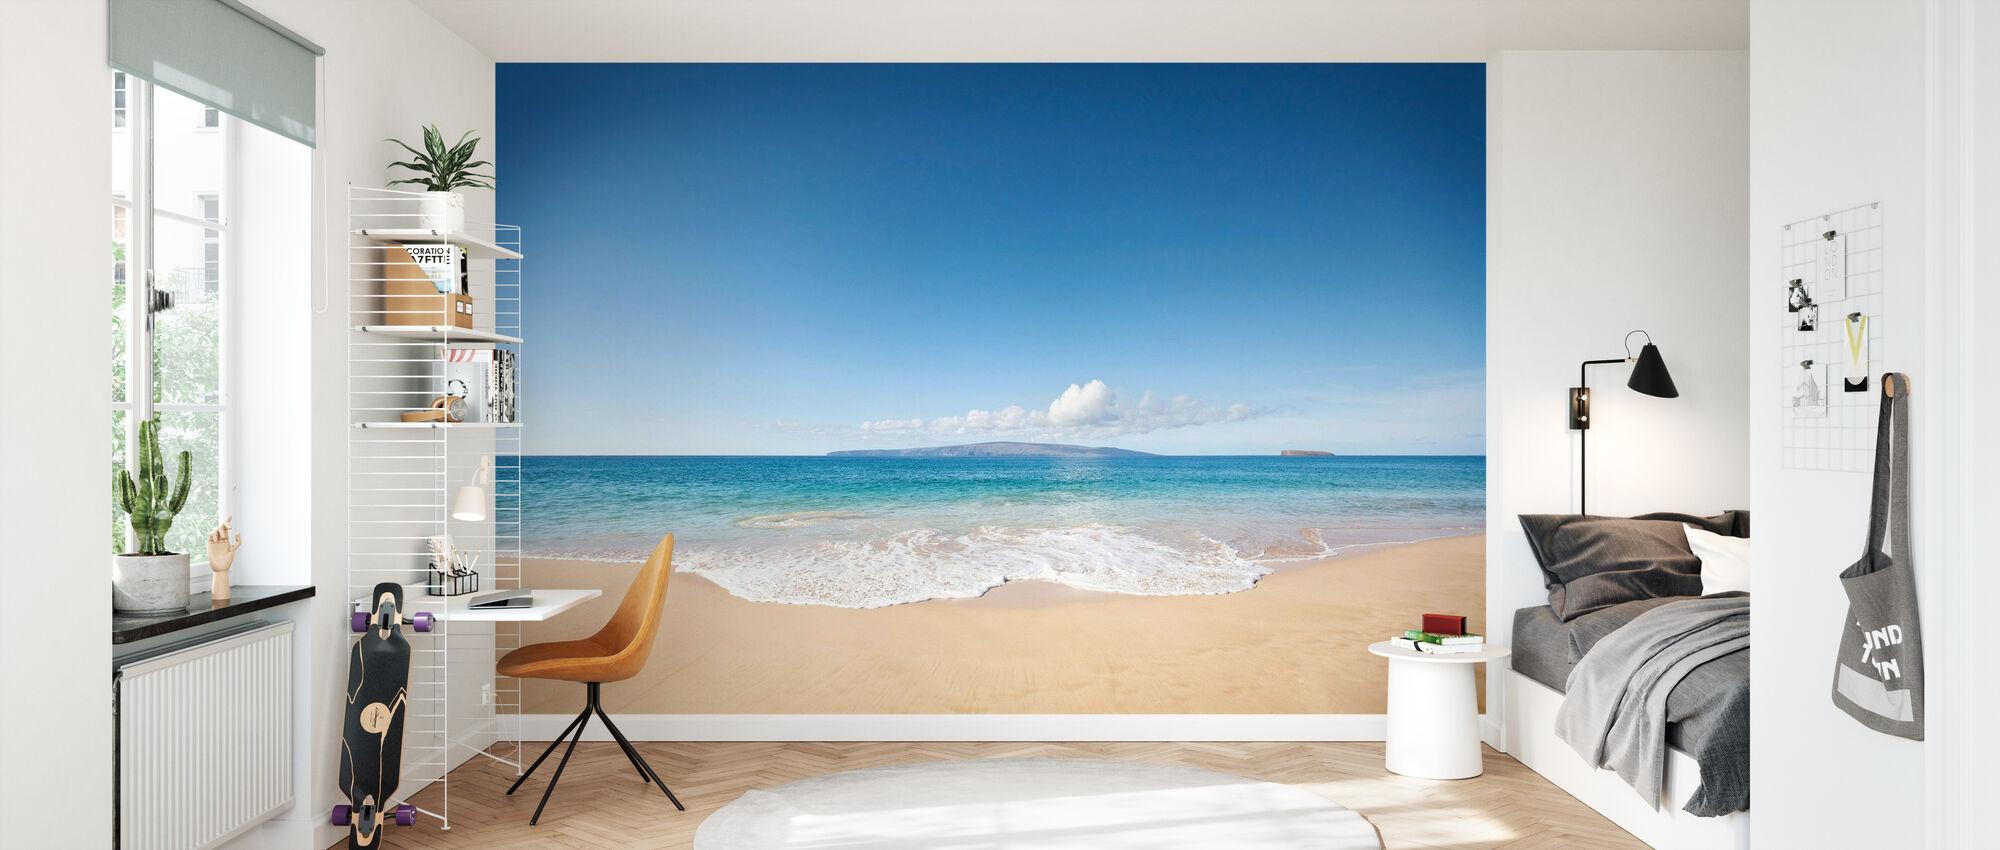 Wave - Wallpaper - Kids Room